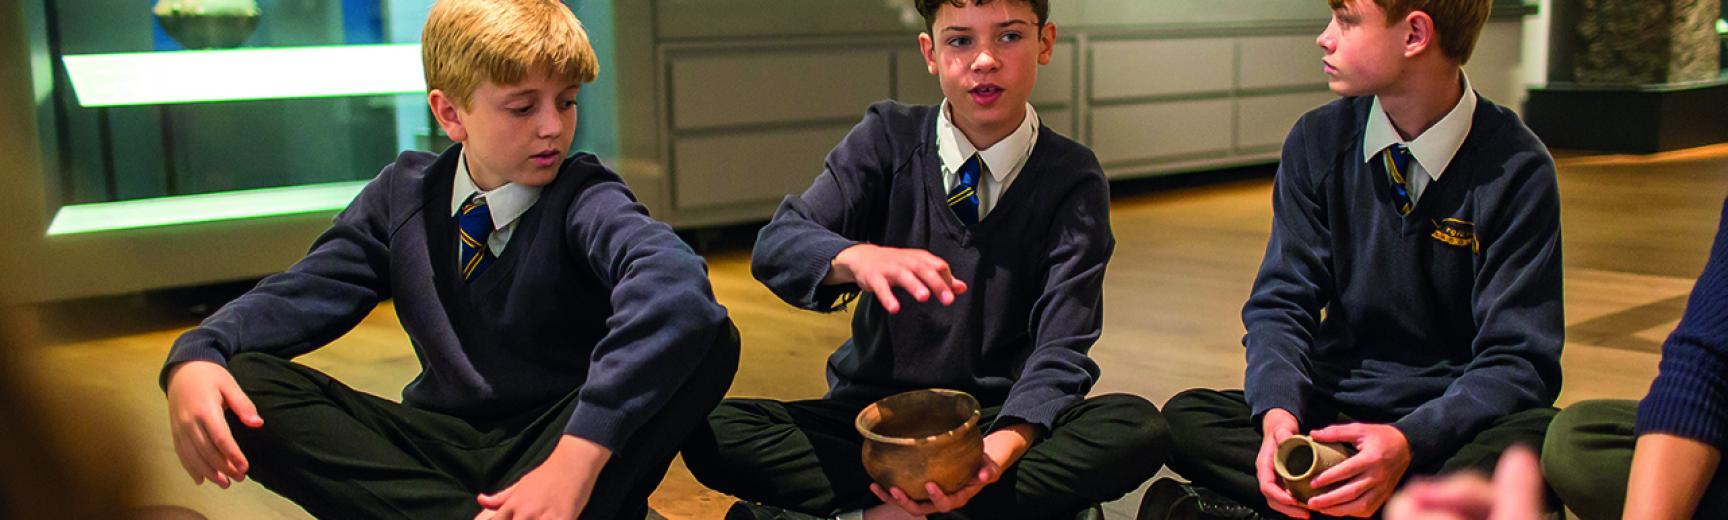 ashmolean watlington hoard school session by ian wallman 79 v2